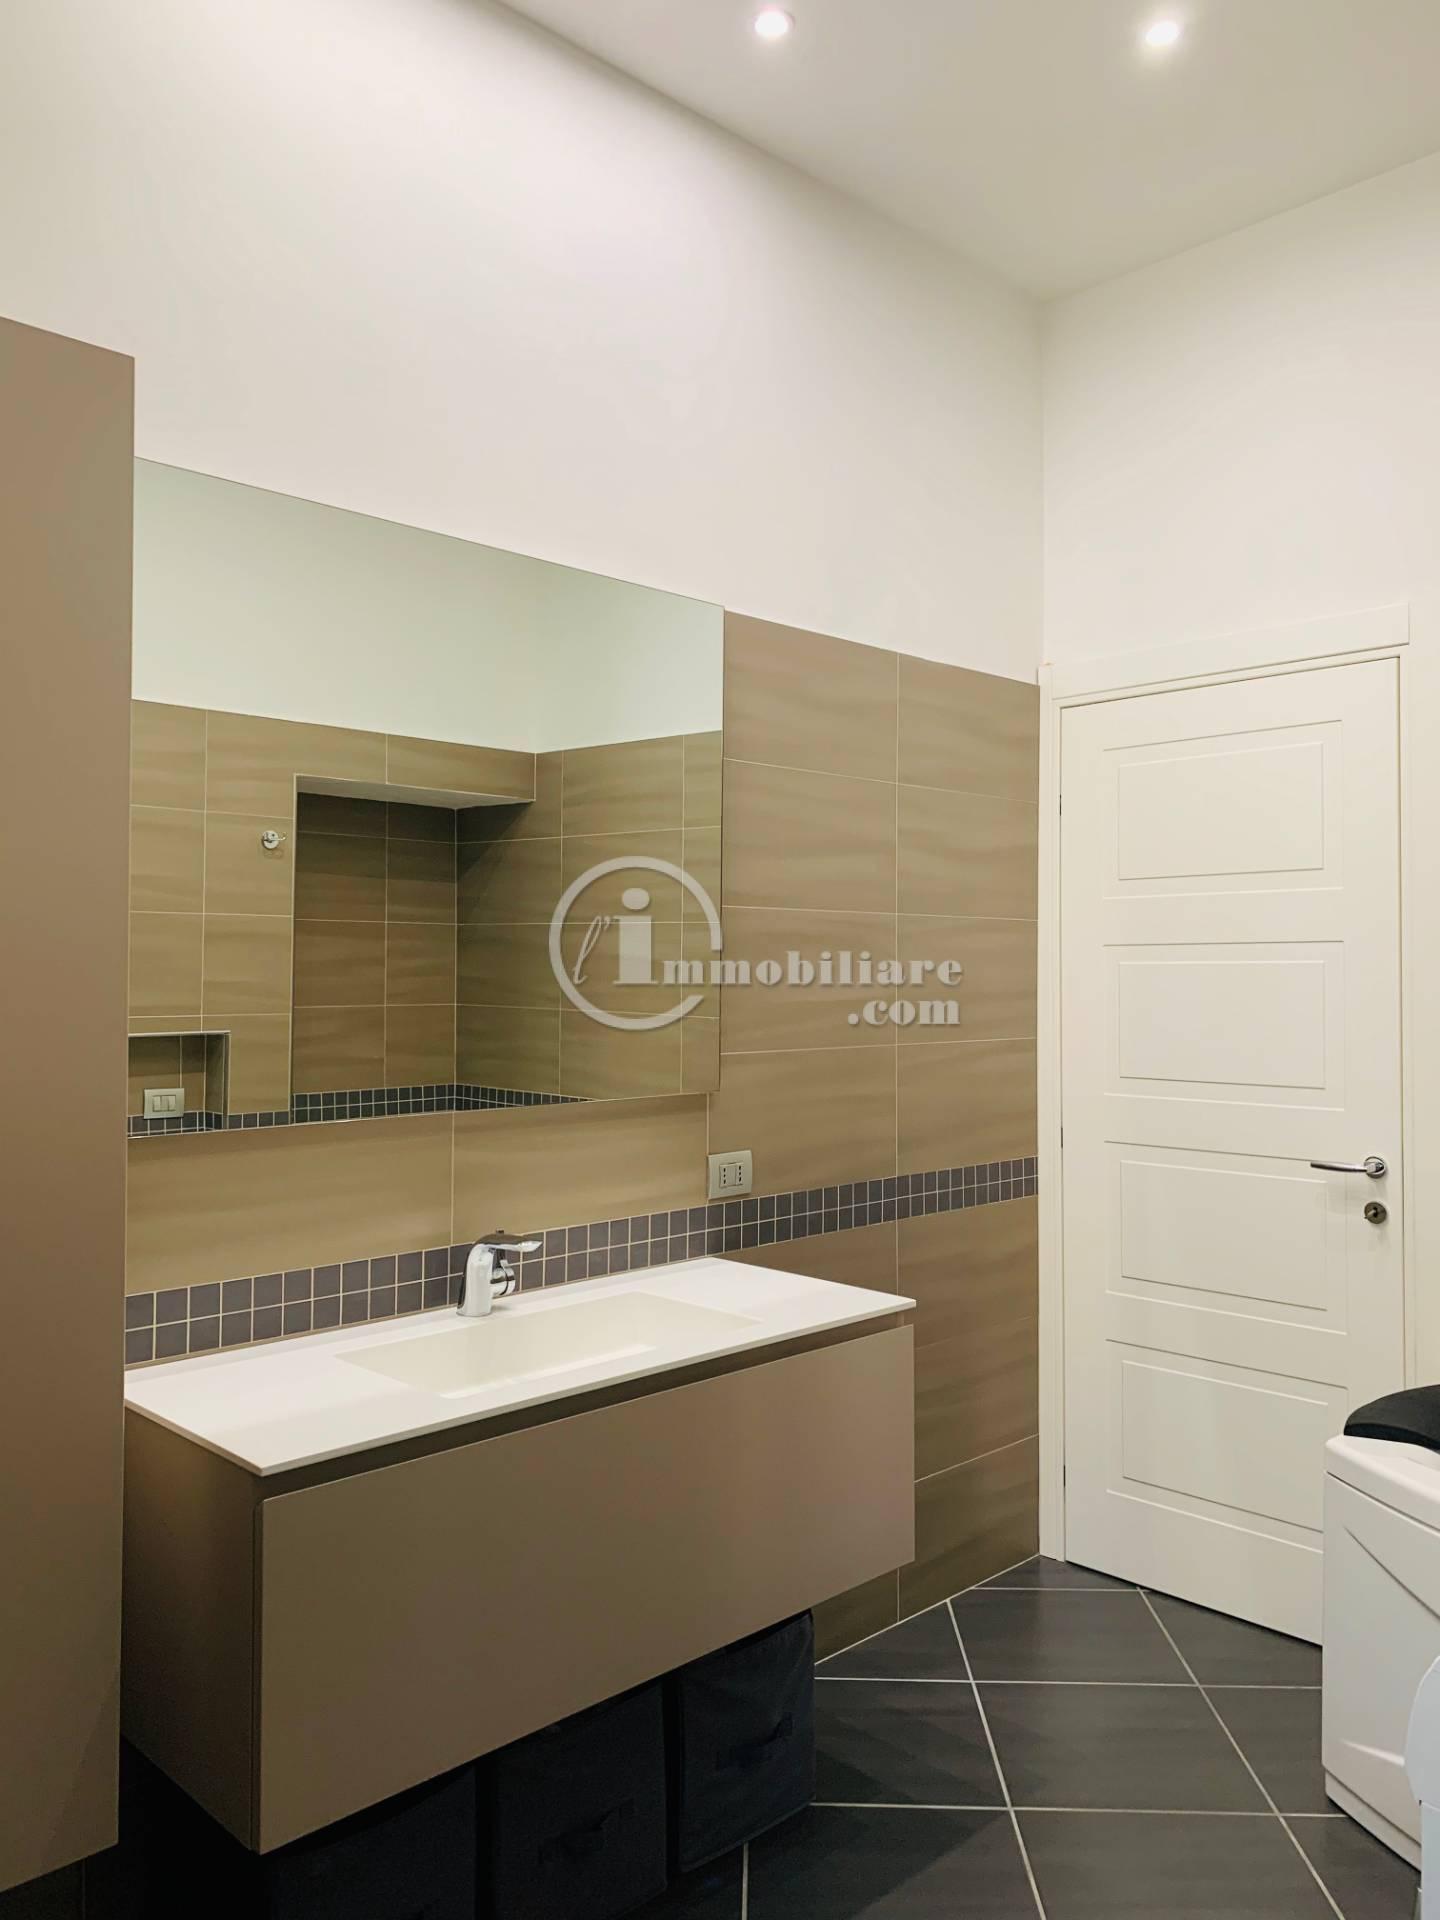 Appartamento in Vendita a Milano: 3 locali, 105 mq - Foto 12